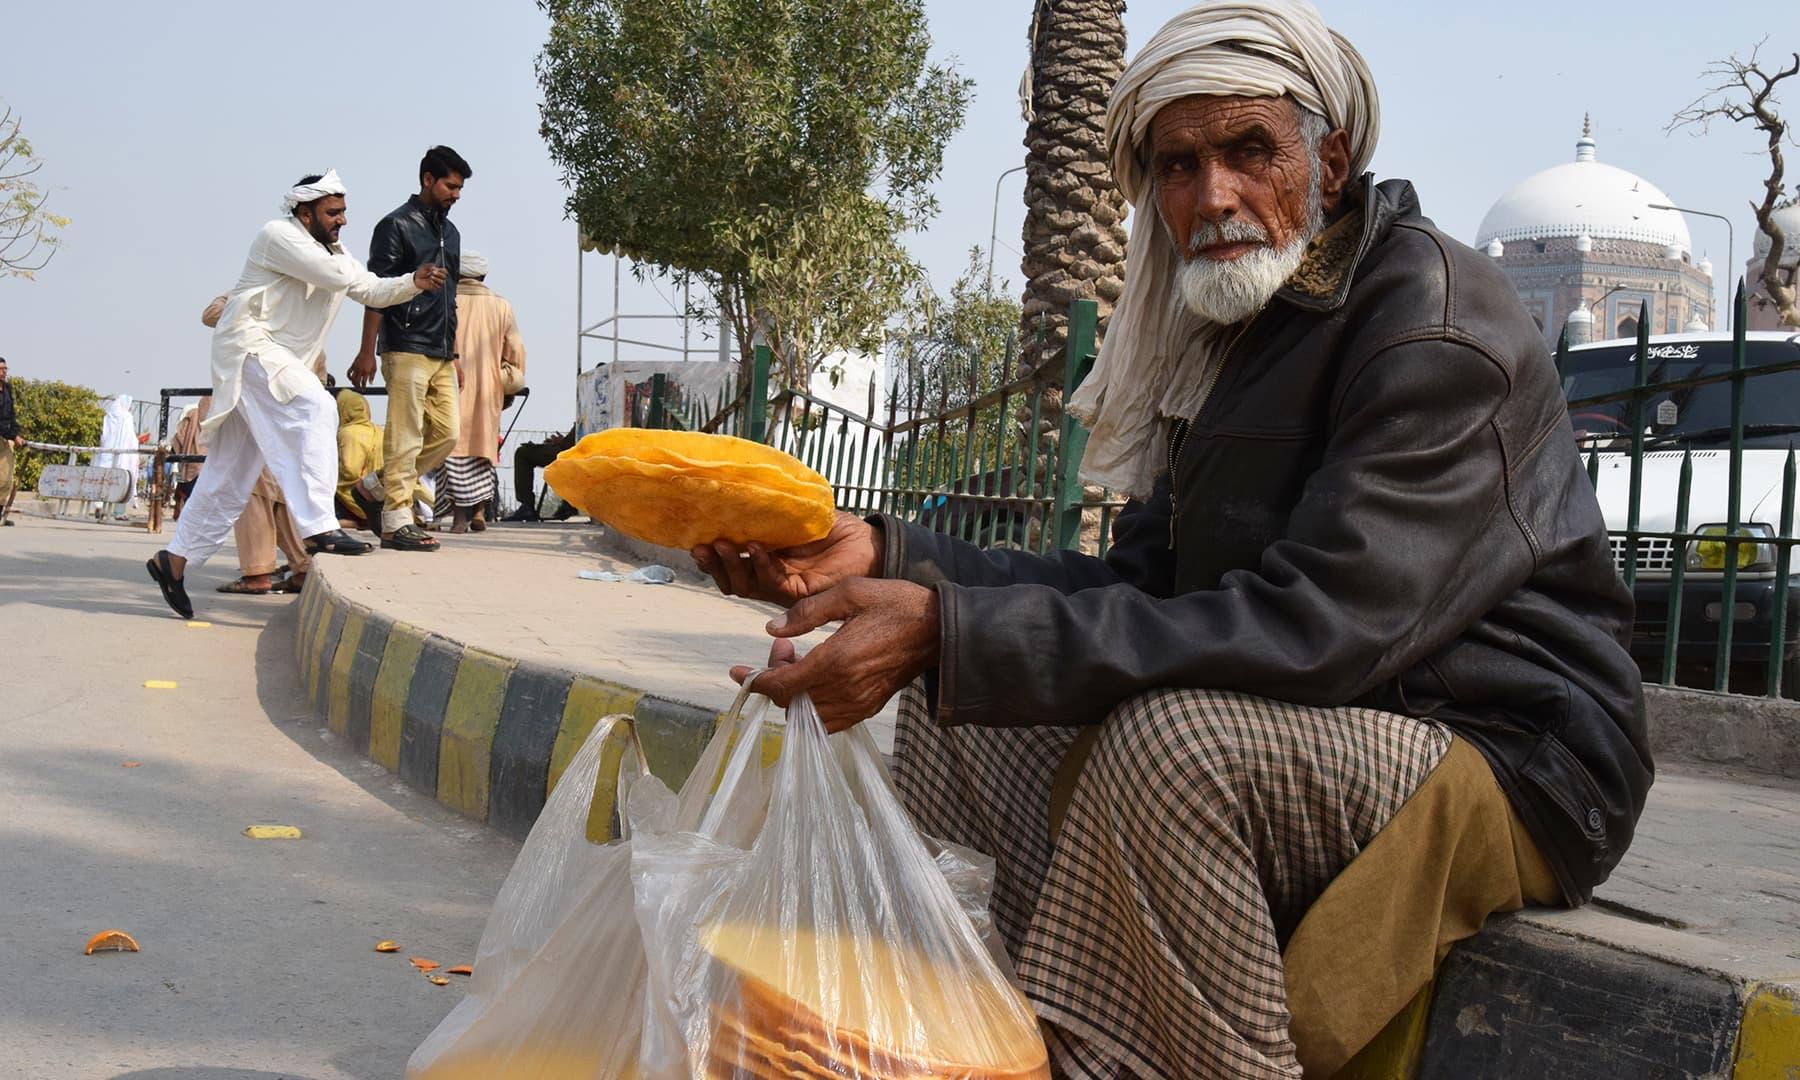 عمر رسیدہ محمد شفیع اپنے نافرمان نشئی بیٹے کی وجہ سے عمر کے اس حصے میں بھی منتف مزدوری کرنے پر مجبور ہیں—تصویر عظمت اکبر